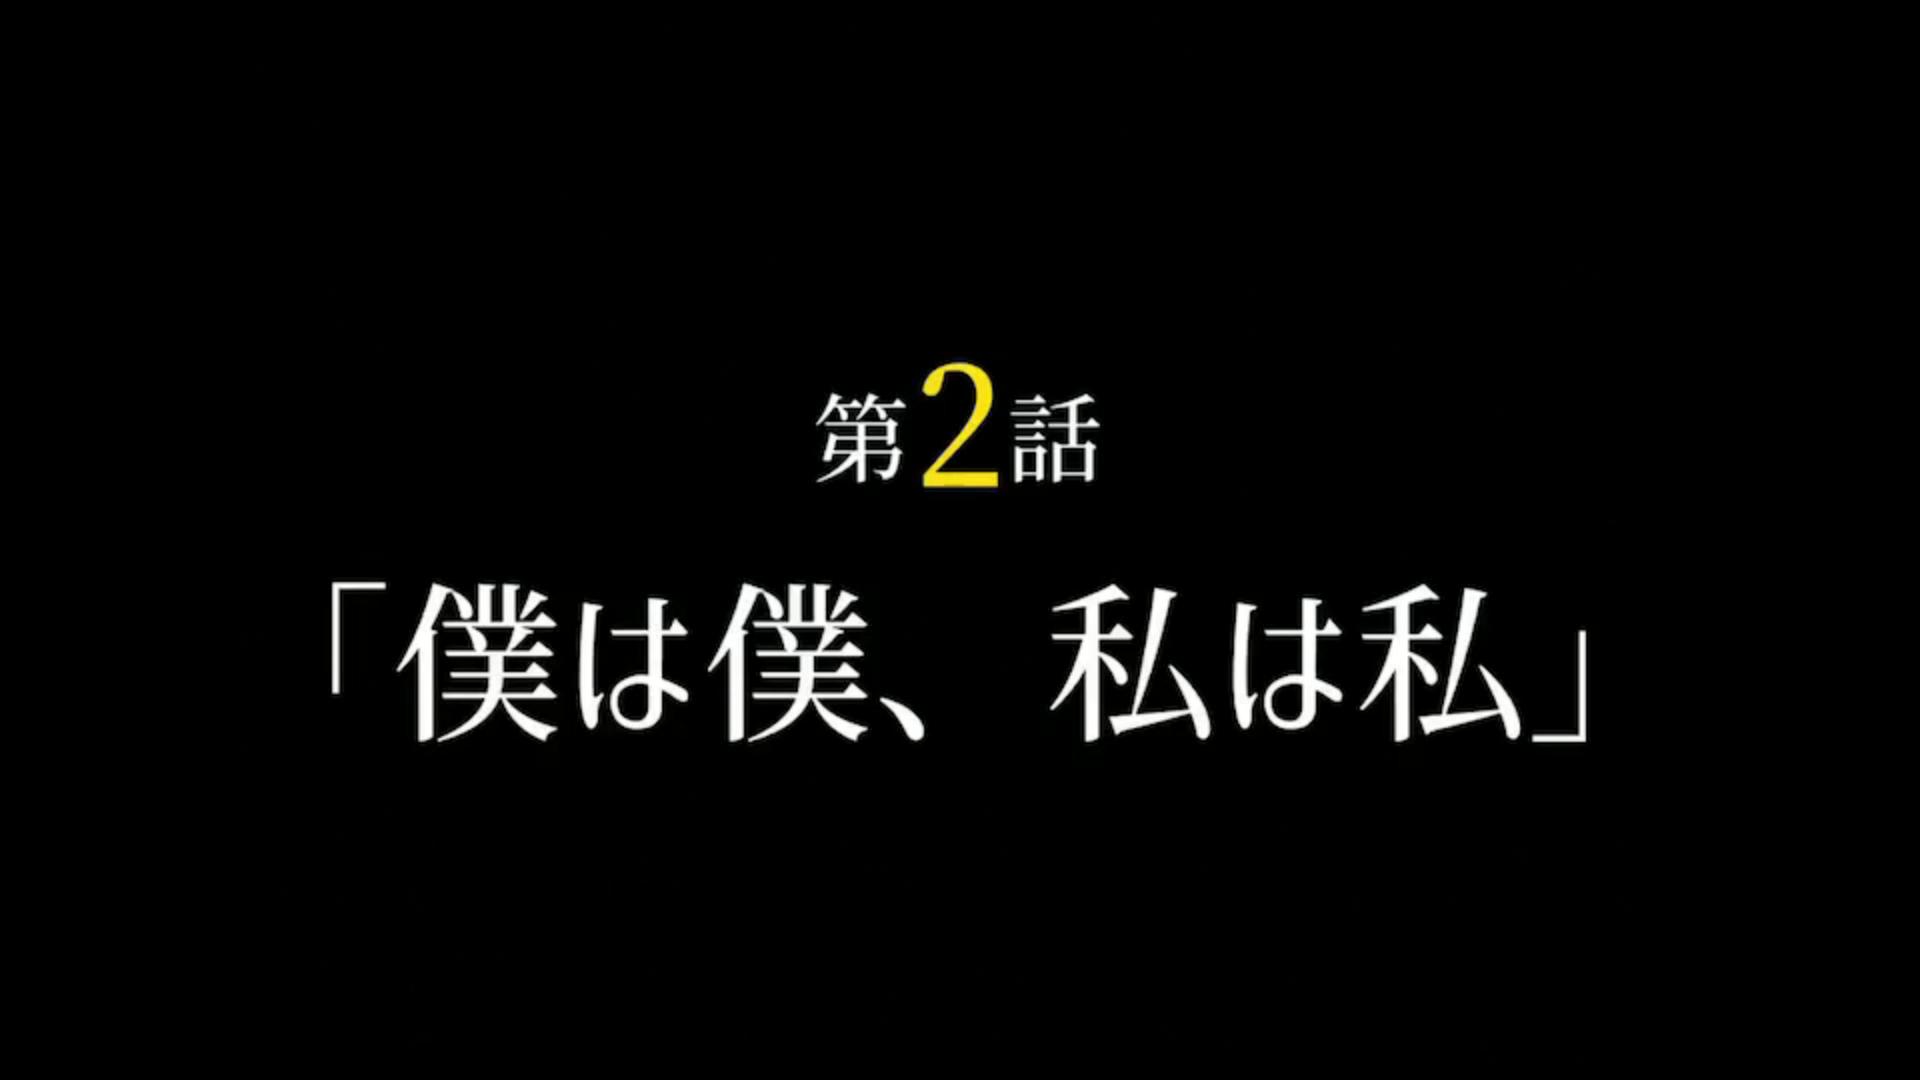 【上田操×田名瀬偉年】7 Days contact 「兄妹」編 <第2話> 『僕は僕、私は私』